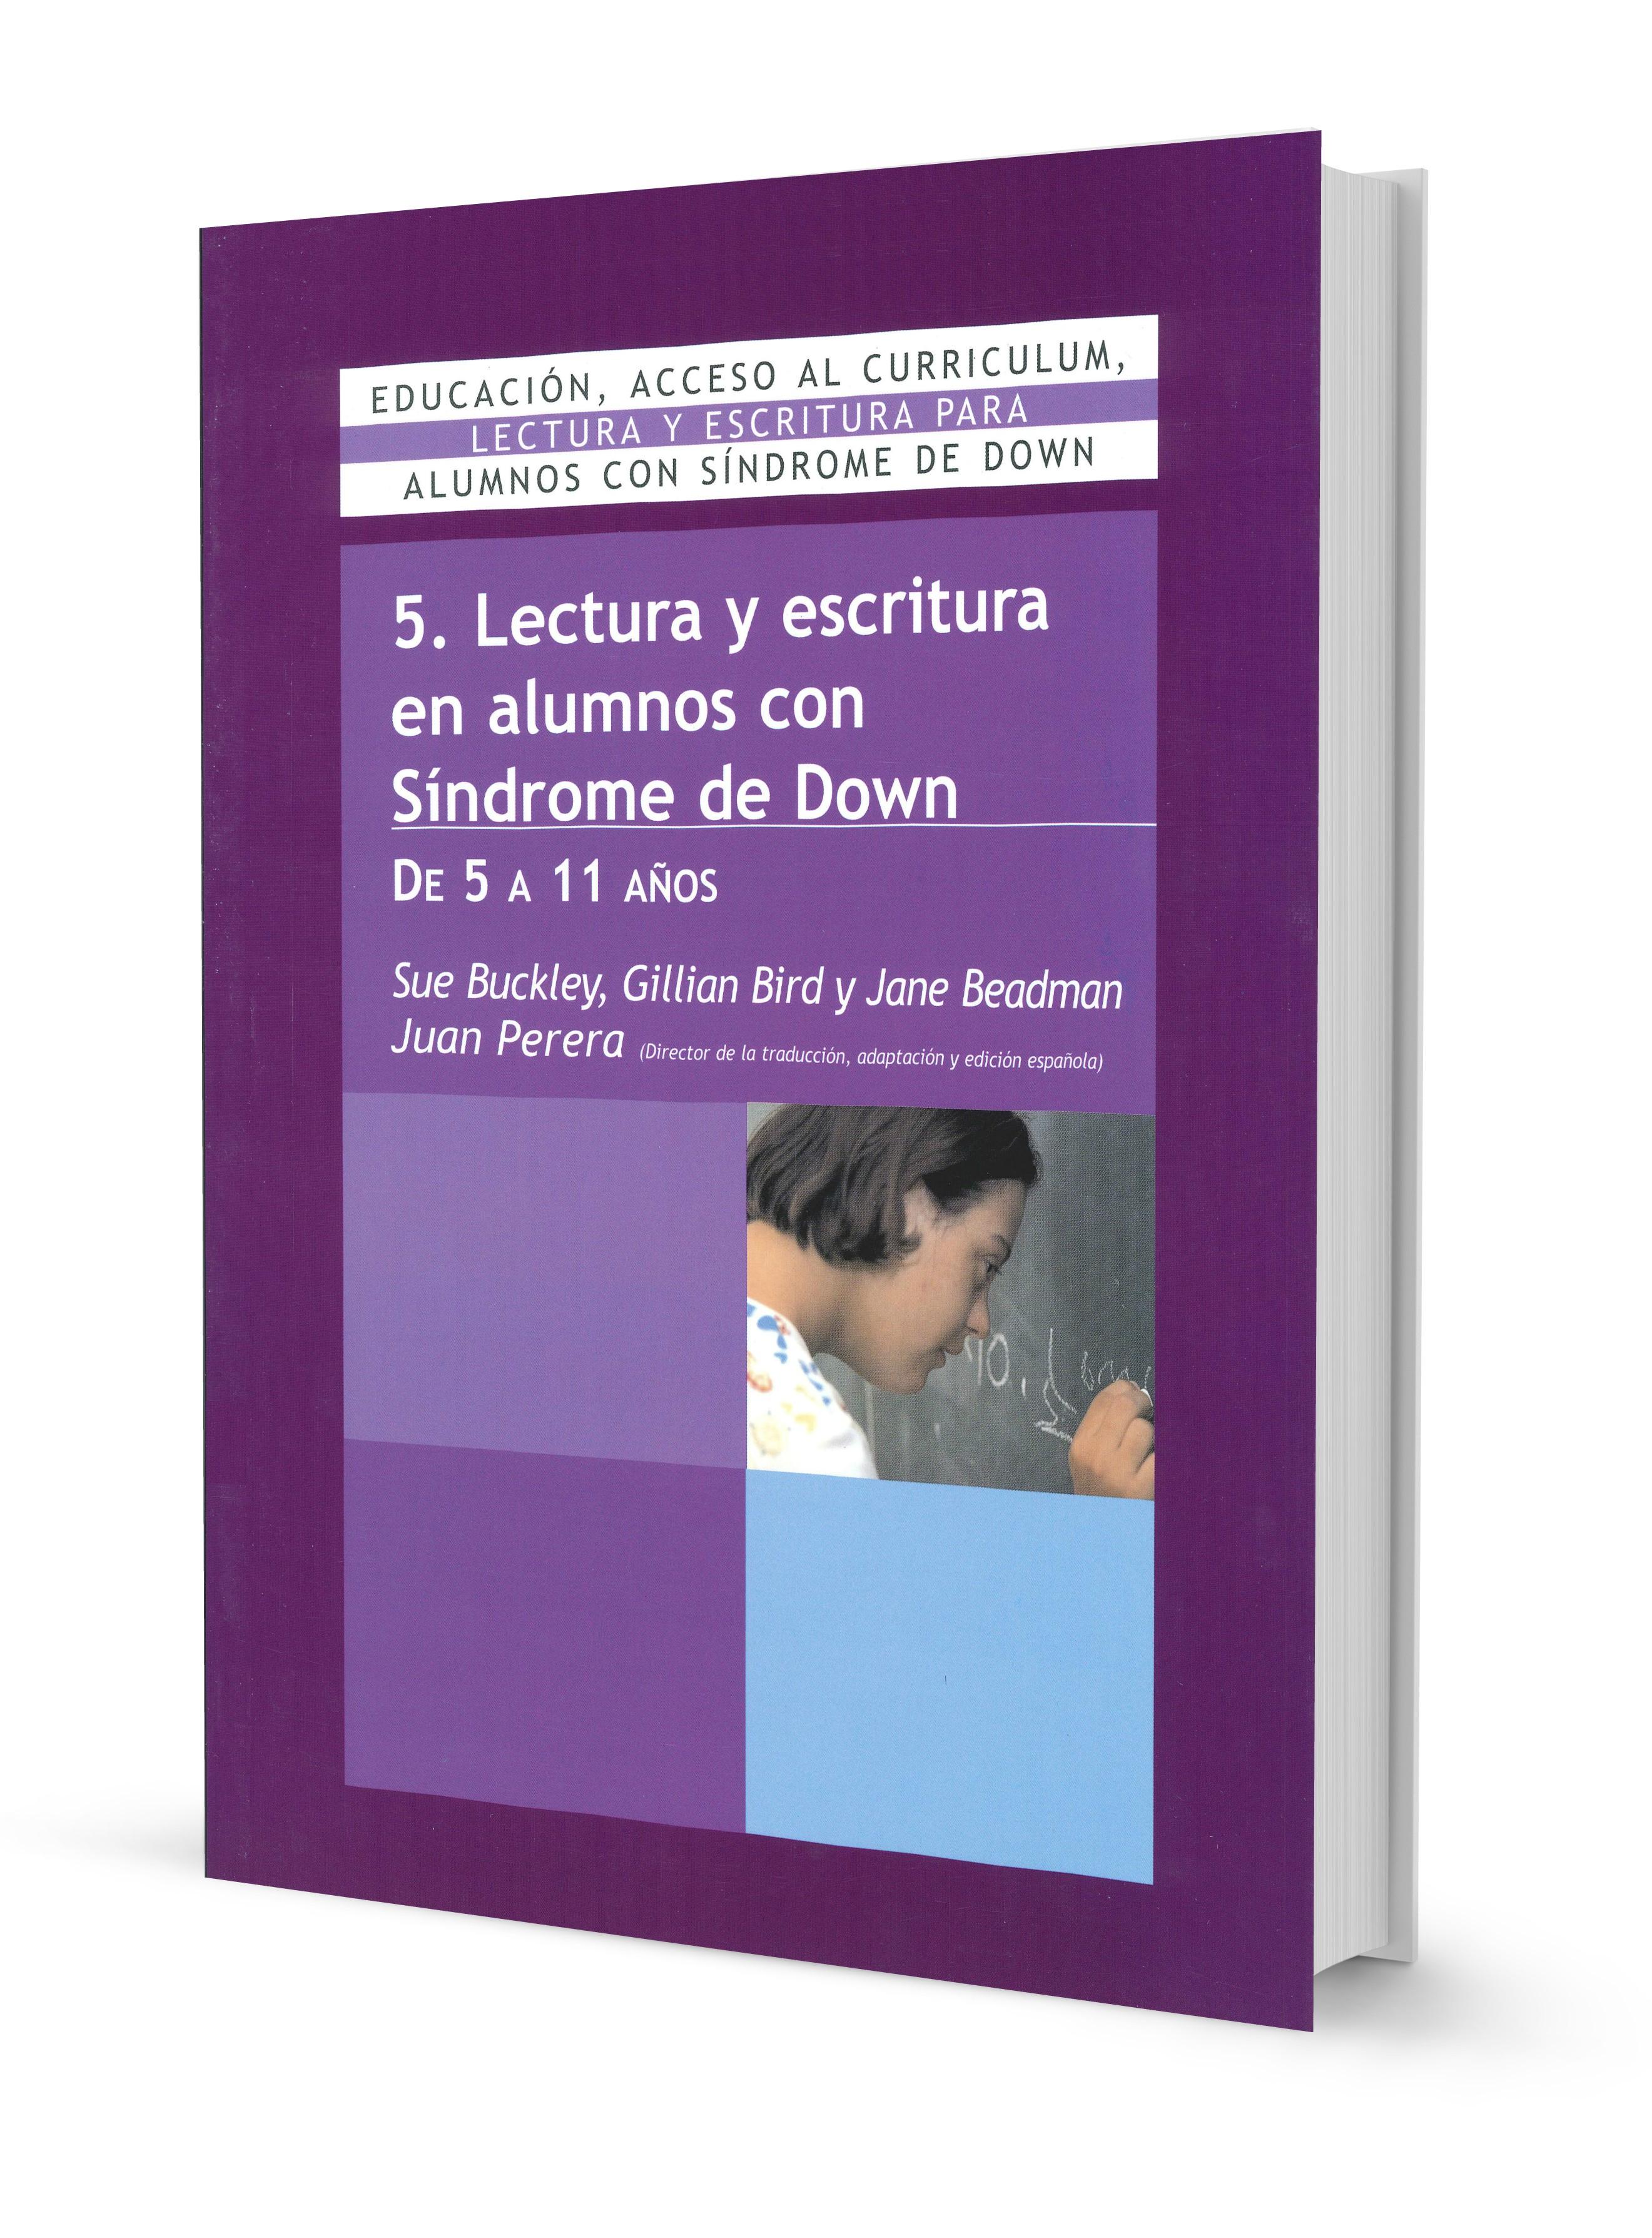 Encantador Escritura De Currículum Viñeta - Ejemplo De Colección De ...